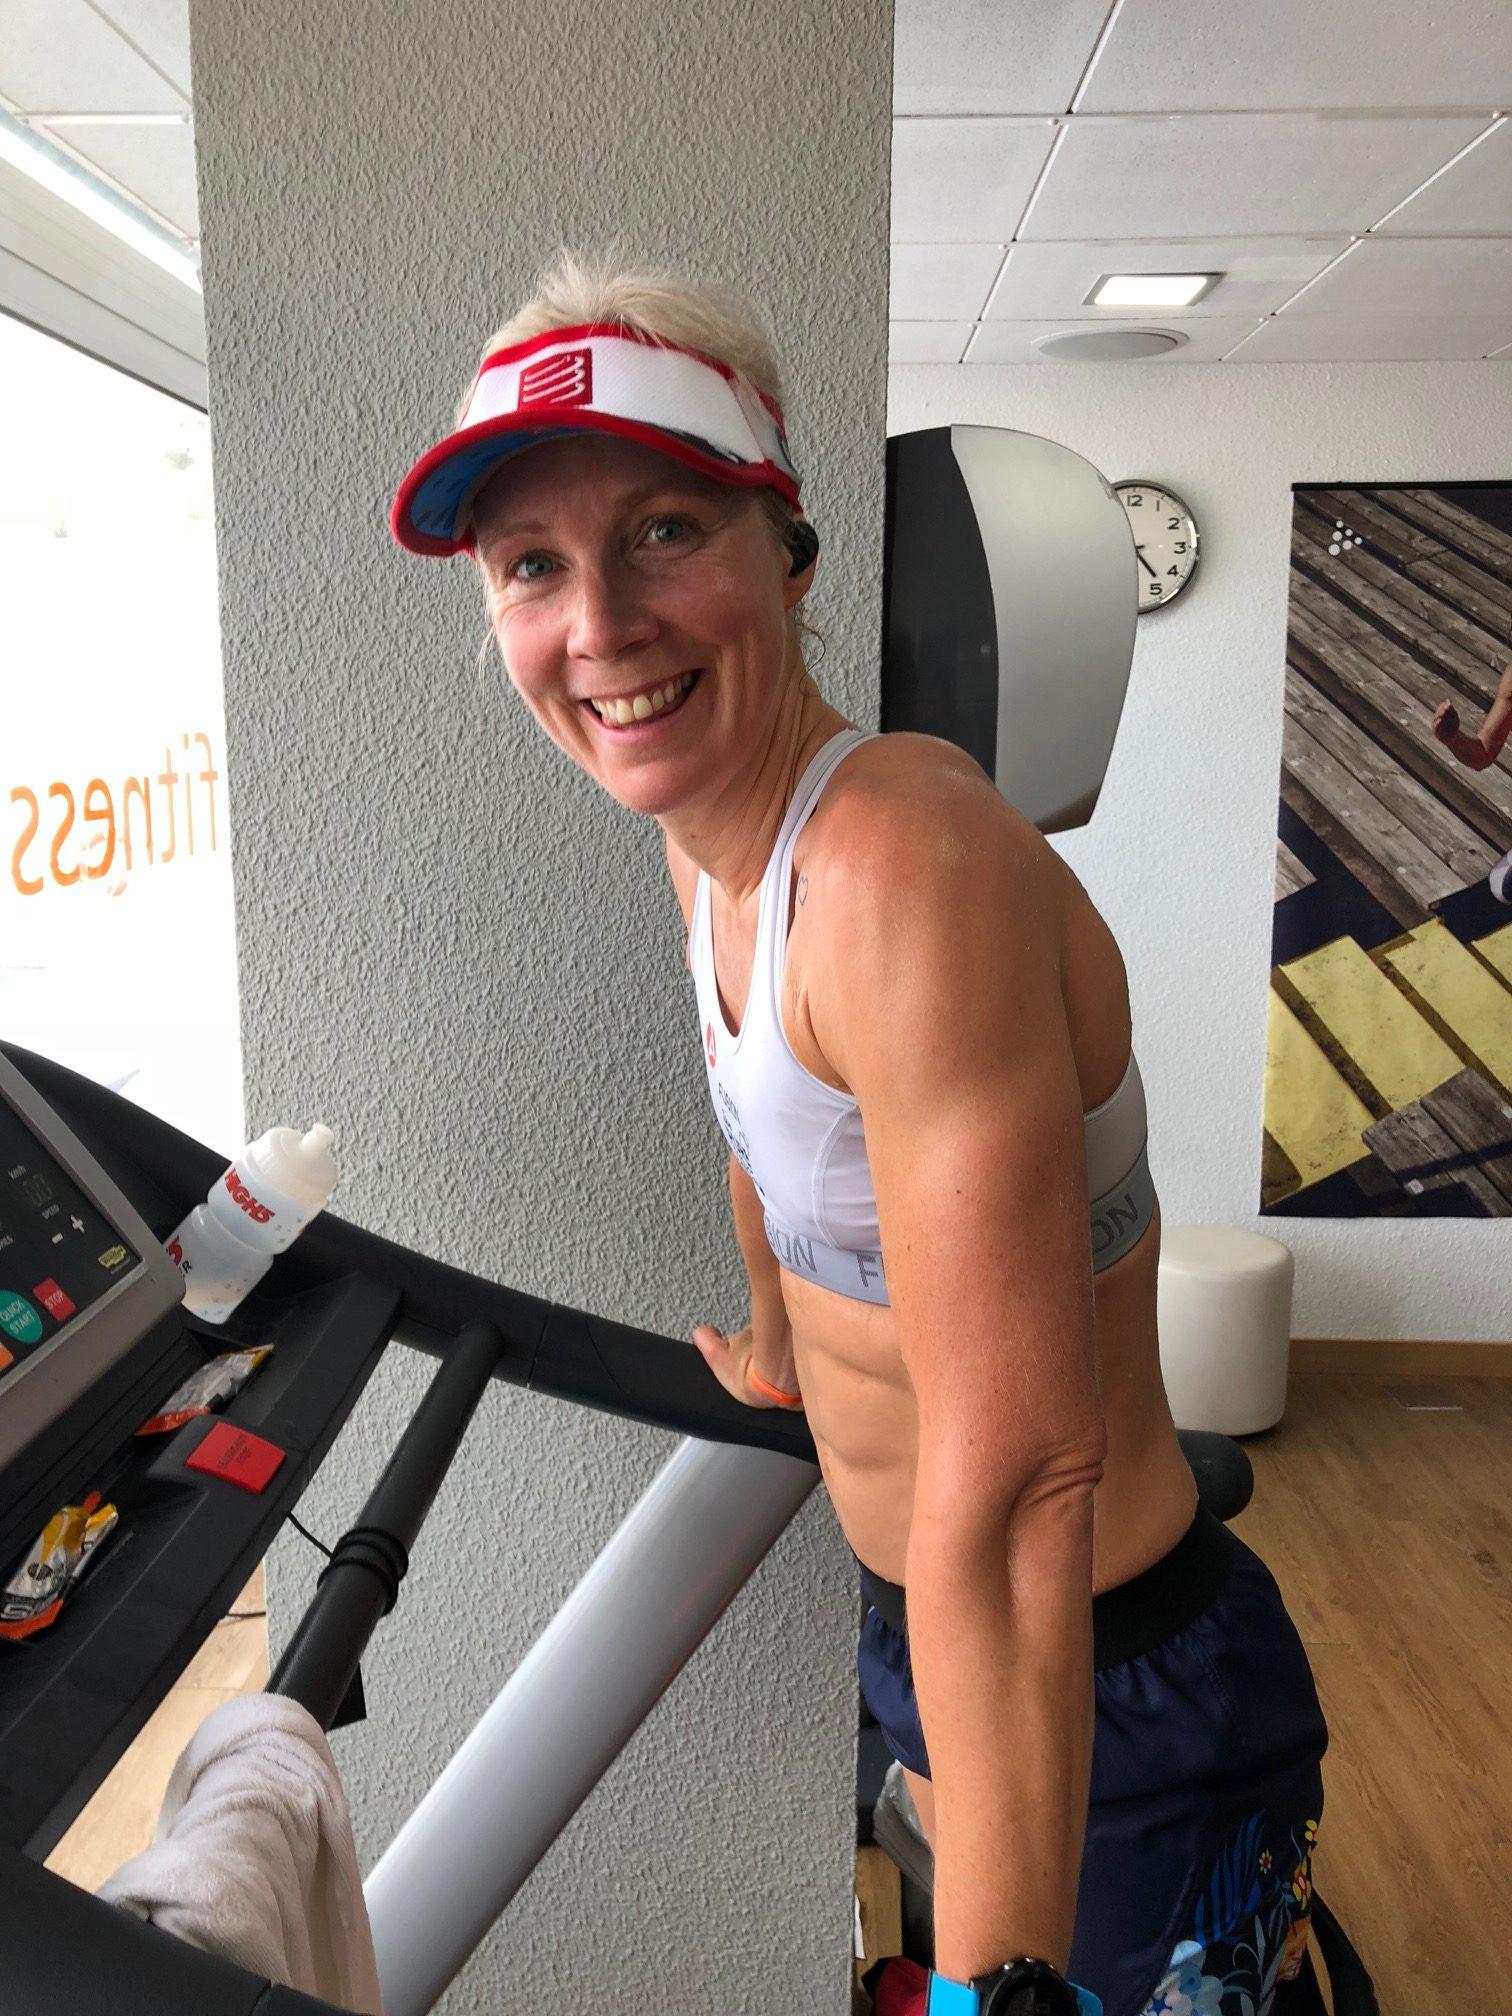 Næring - Hva bør du spise før og under et triatlon?